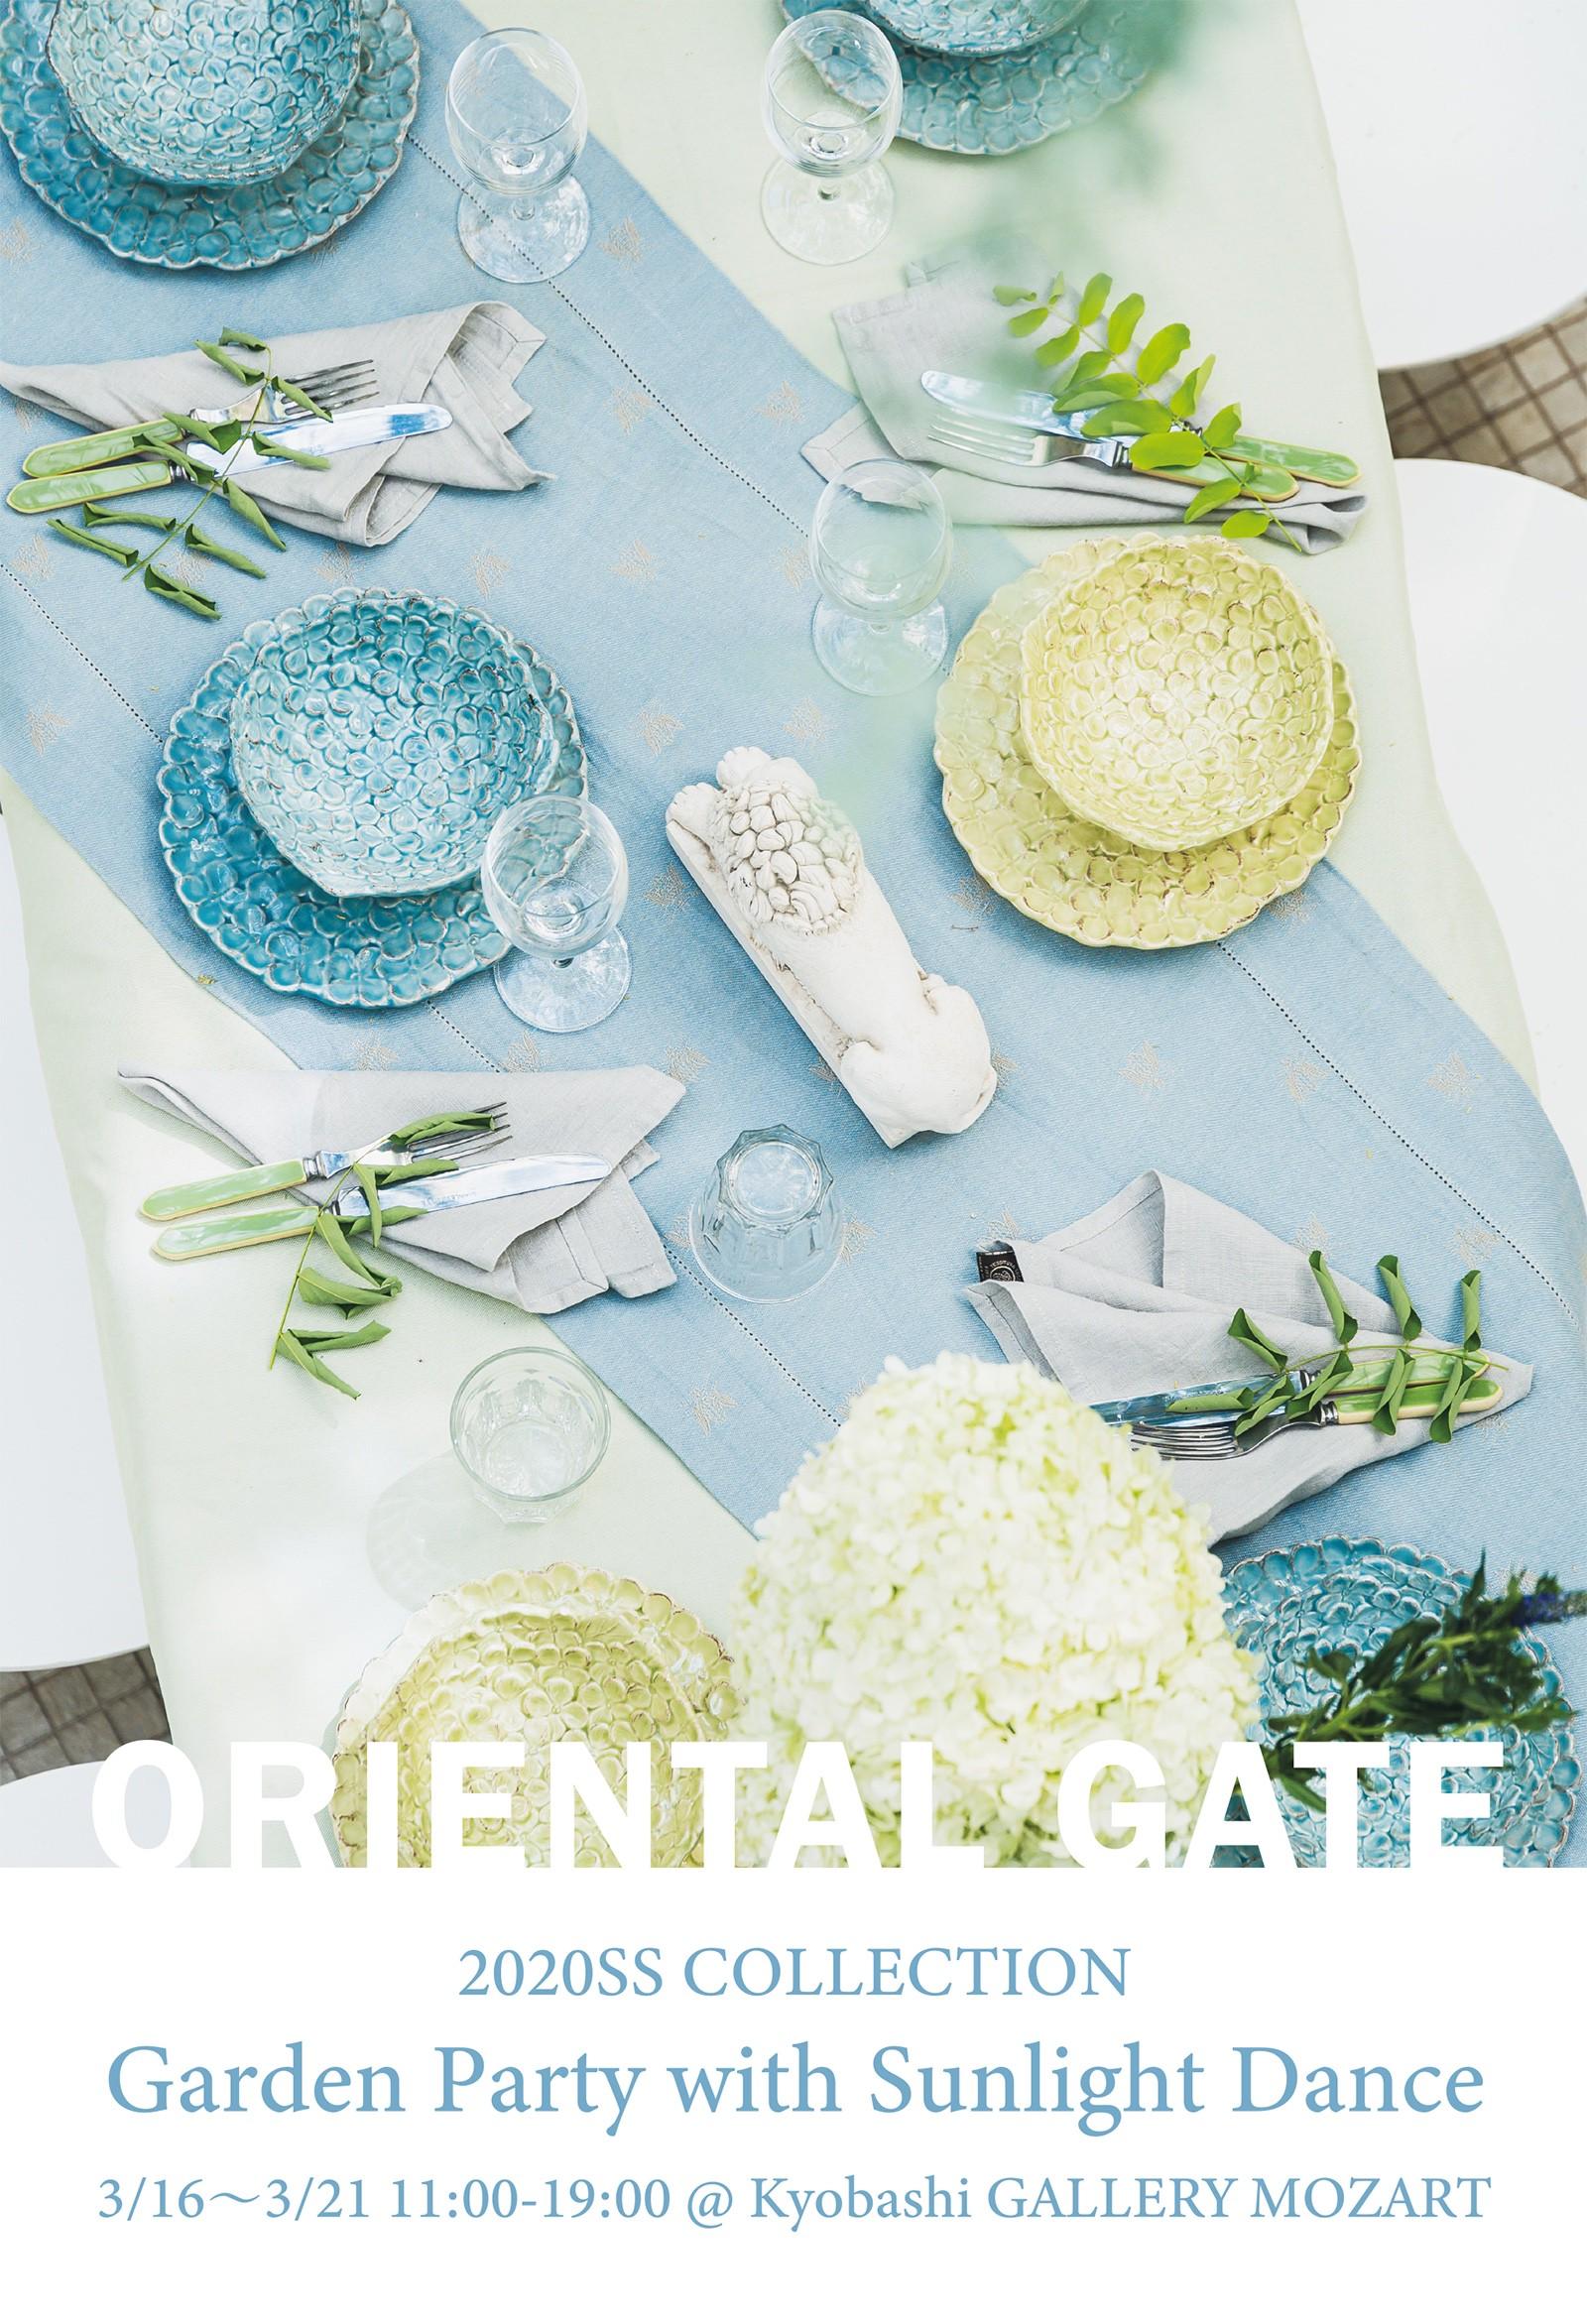 2020年3月16日(月)〜21日(土) 京橋にてORIENTAL GATE 展示会を開催